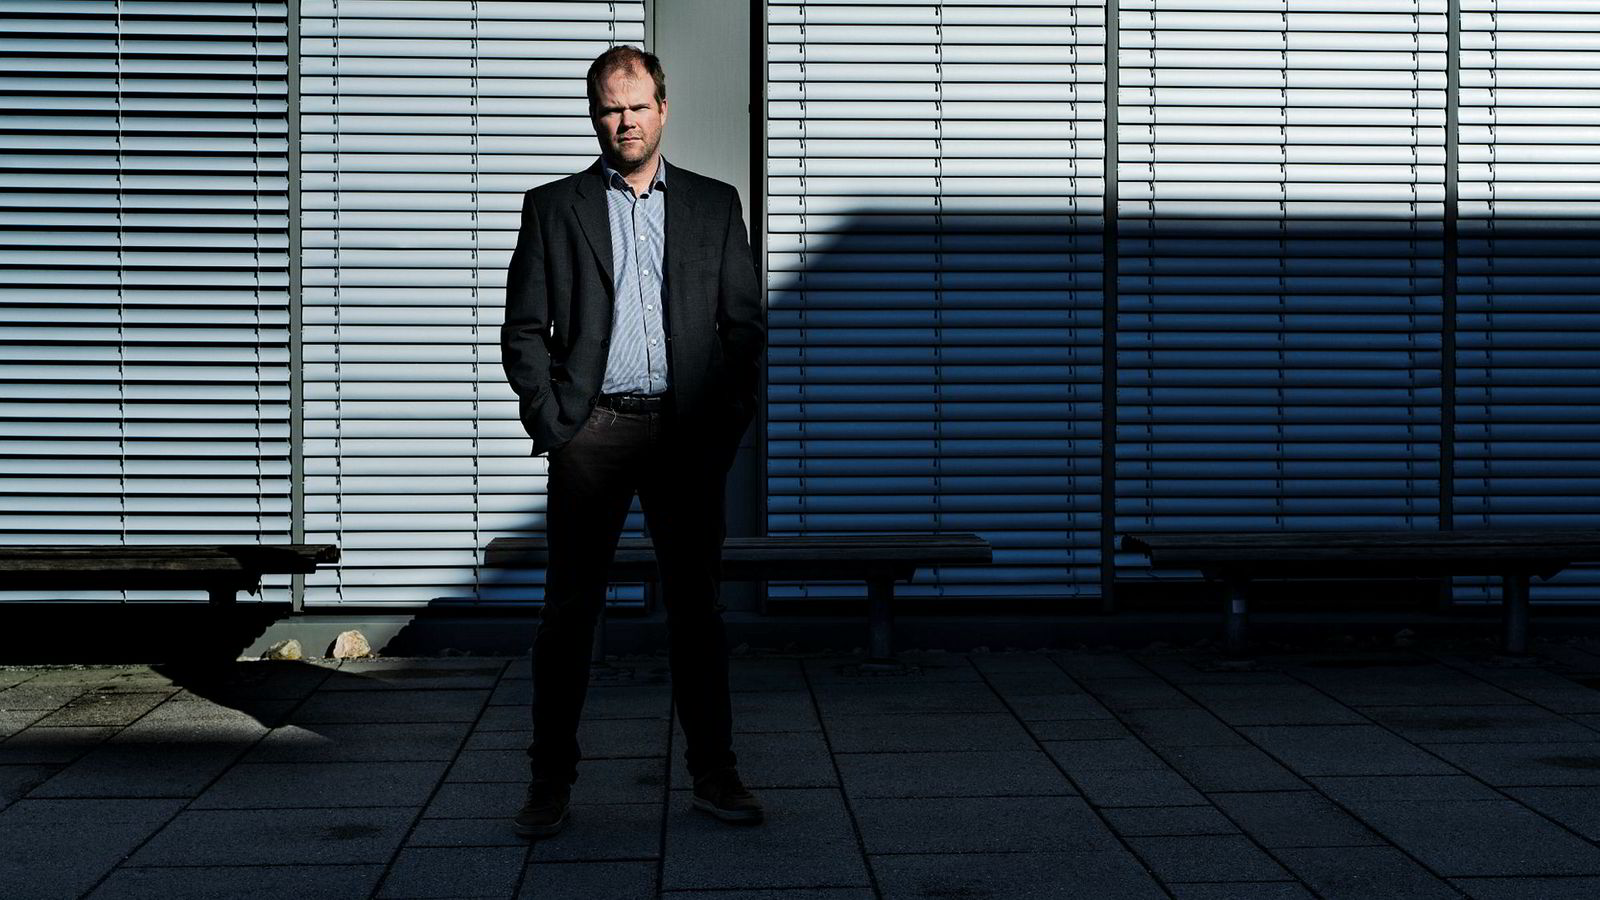 Seniorrådgiver Johannes Vallesverd i NKOM Nasjonal kommunikasjonsmyndighet.